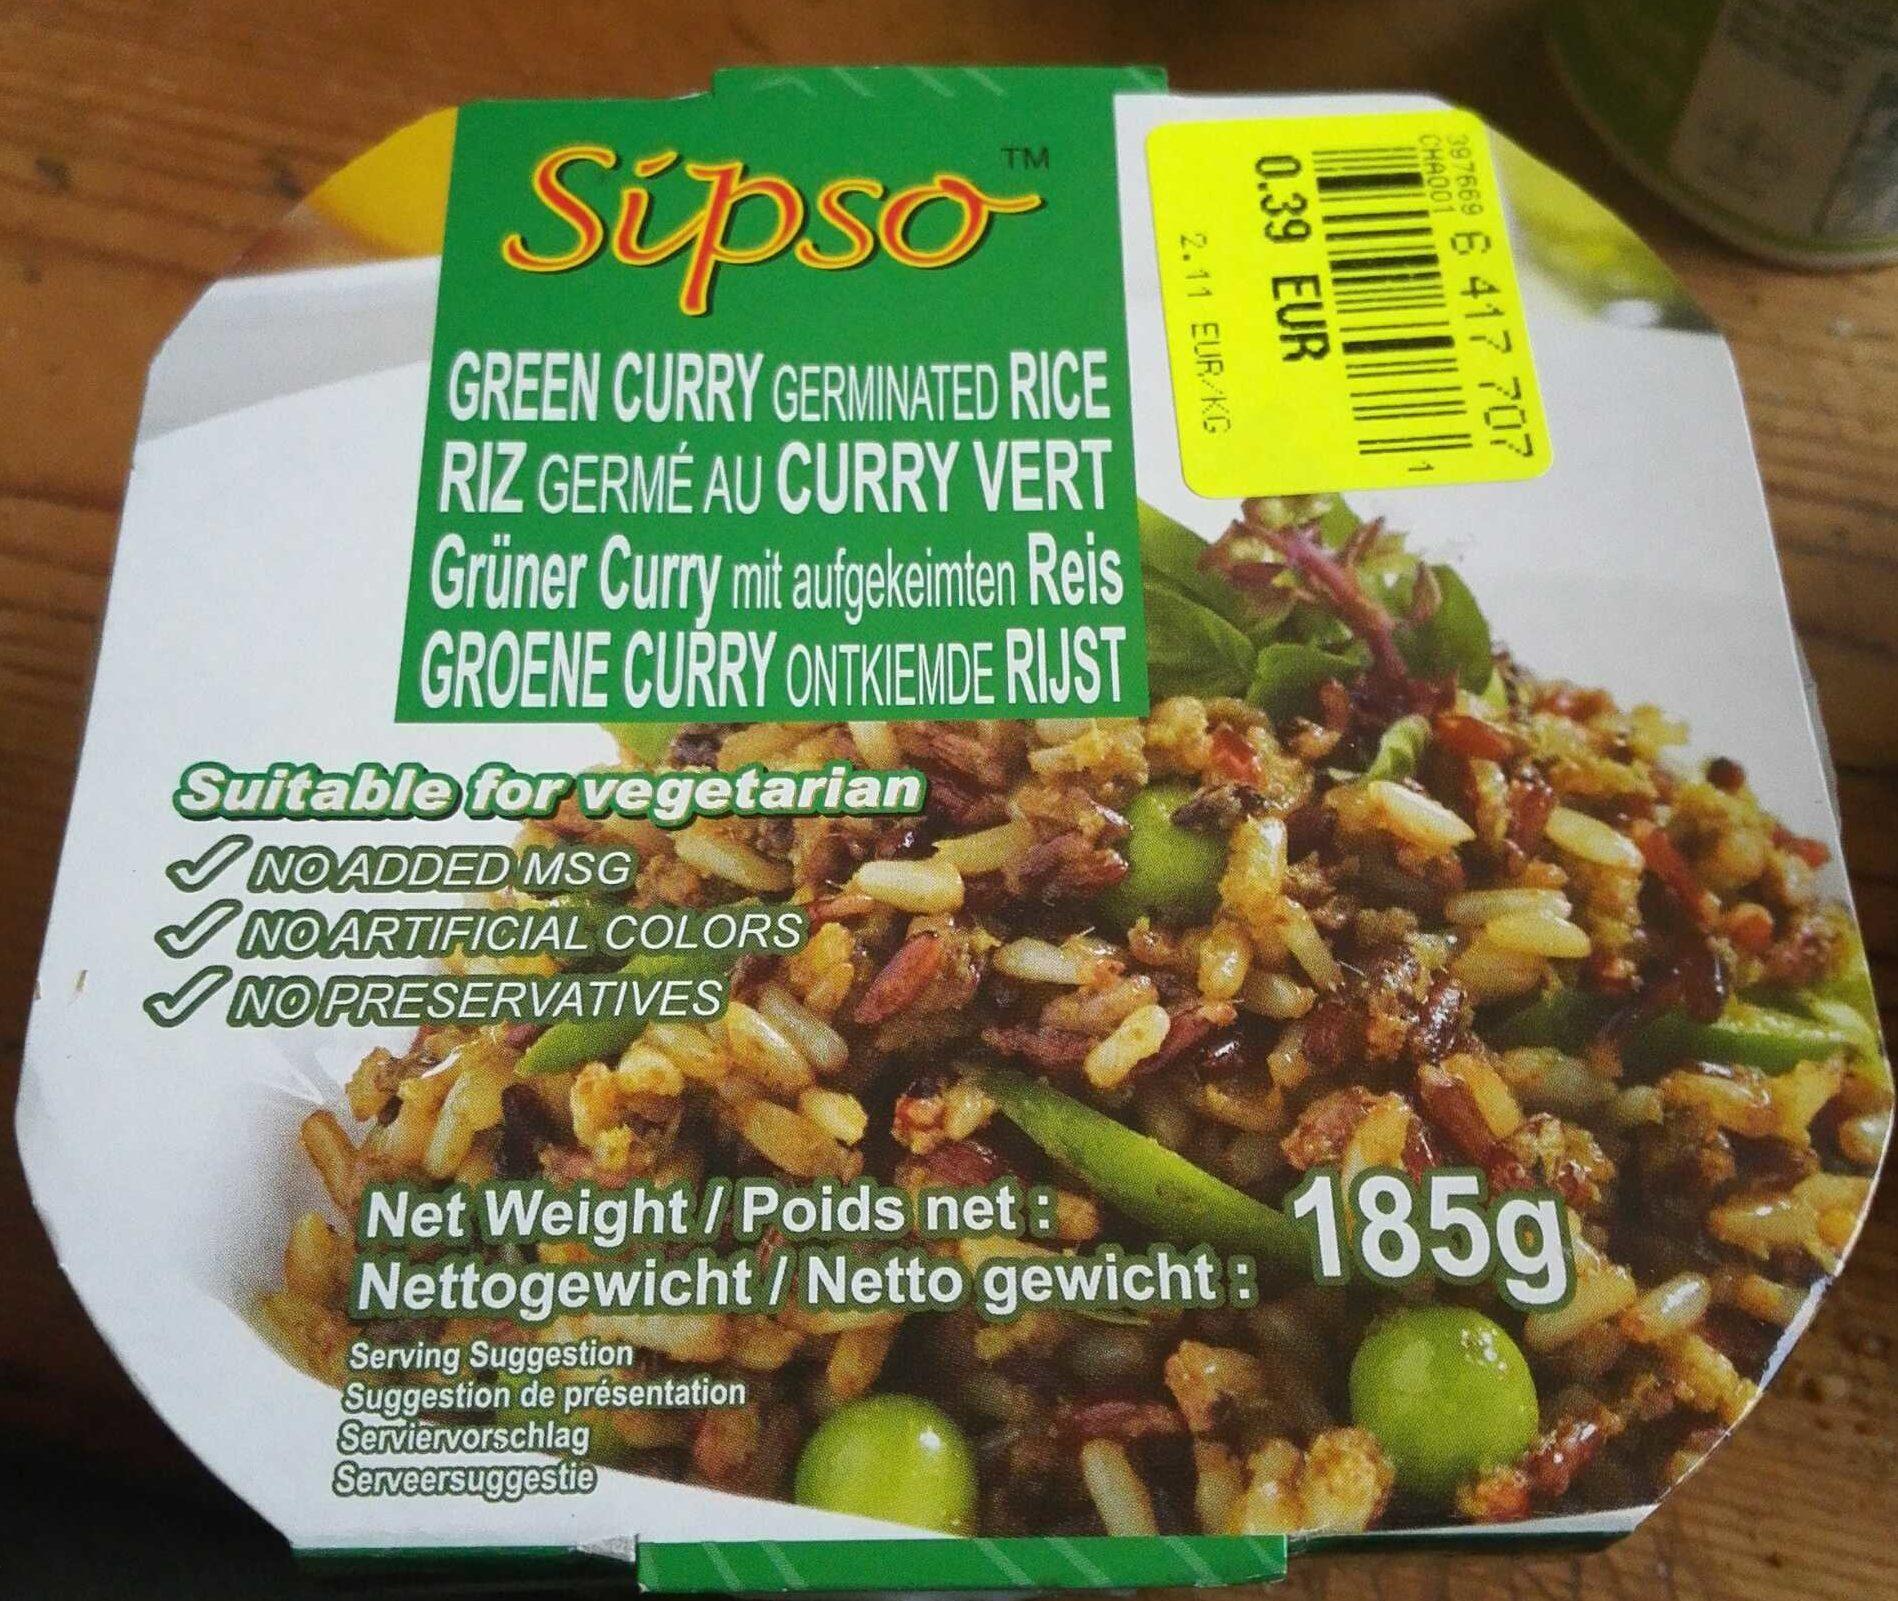 Riz Germé au Curry Vert - Produit - fr